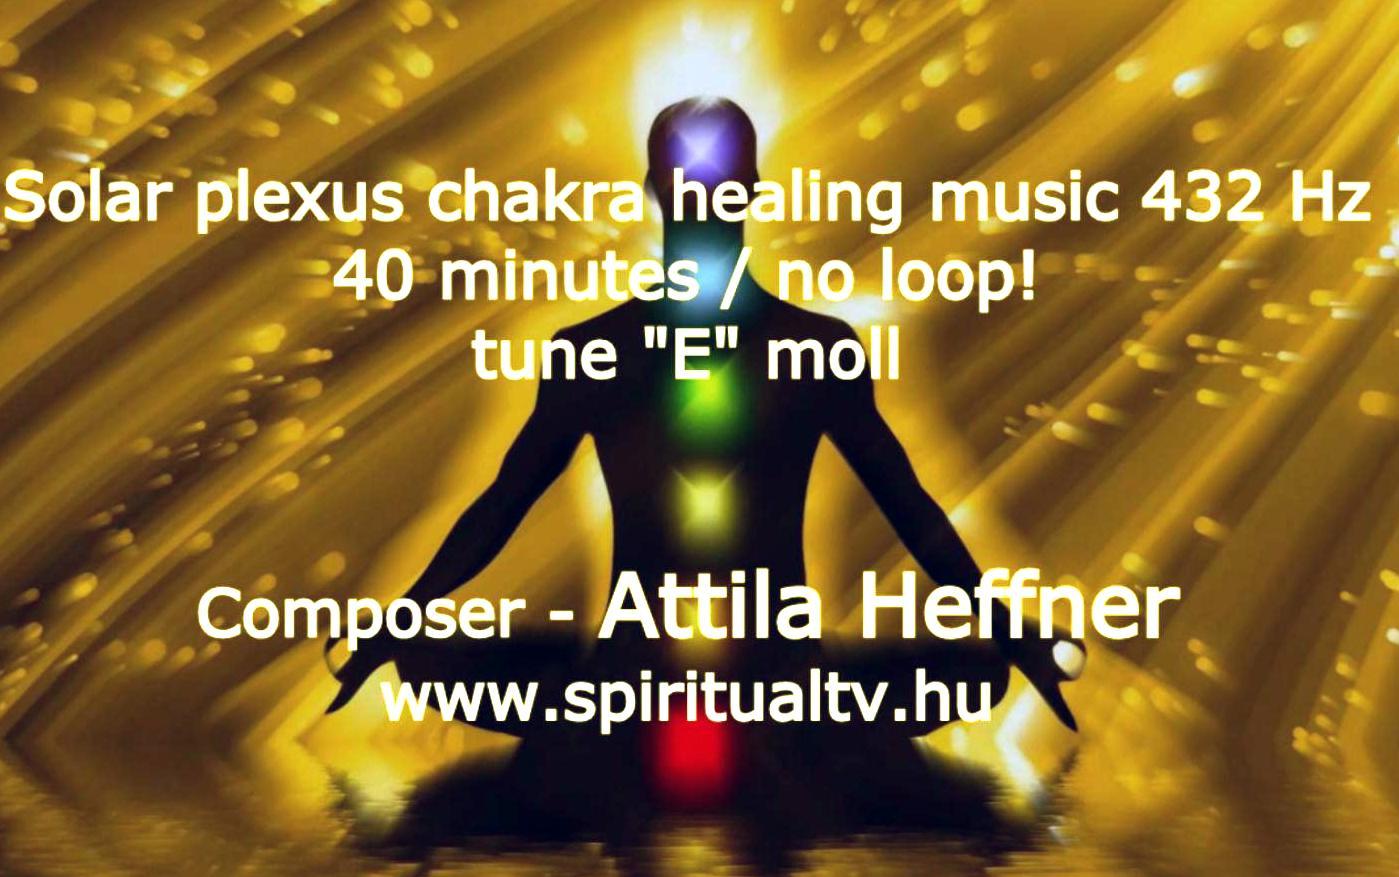 2018.02.21. Heffner Attila